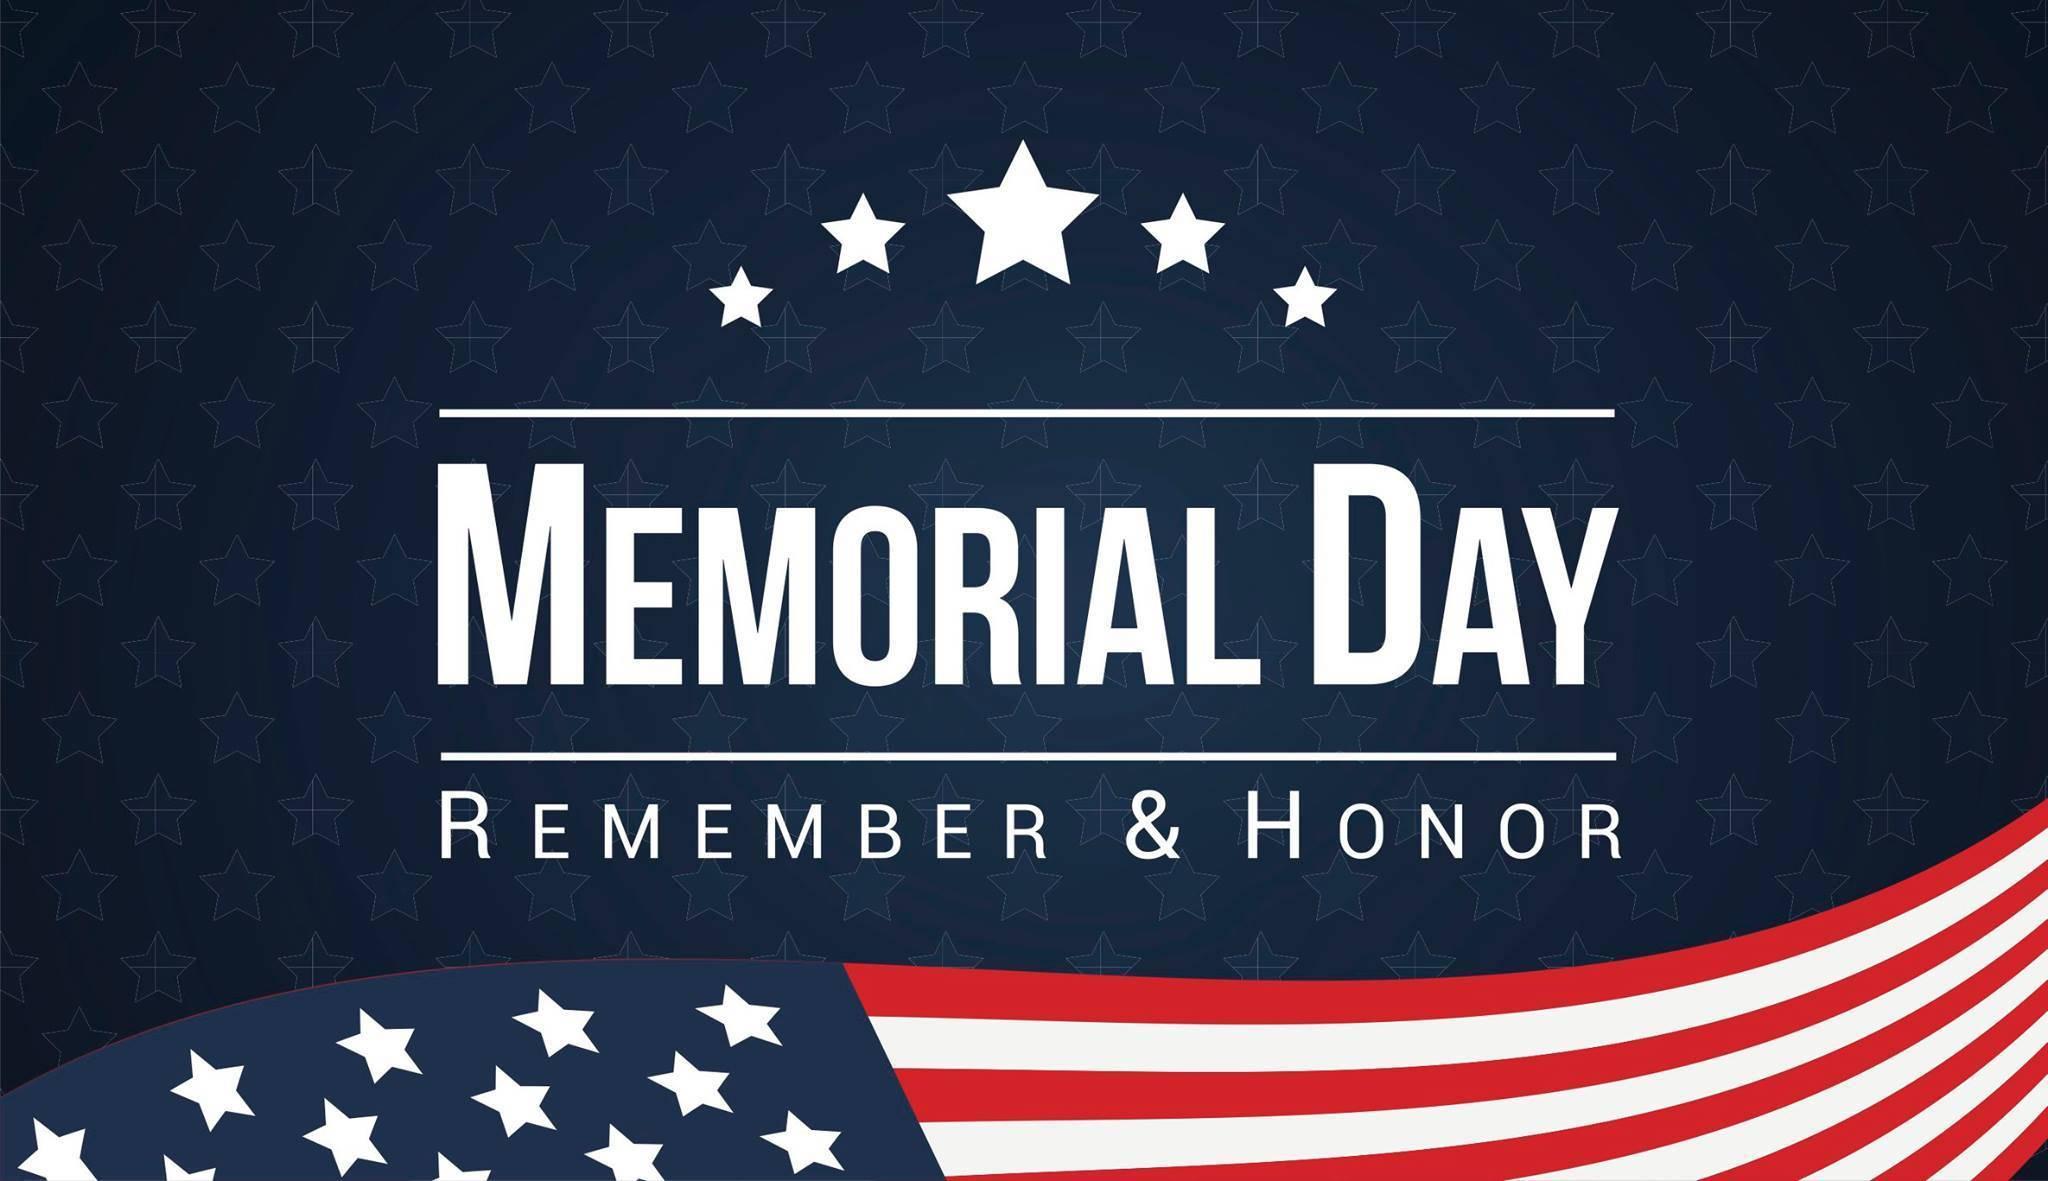 memorial_day_0_0.jpg